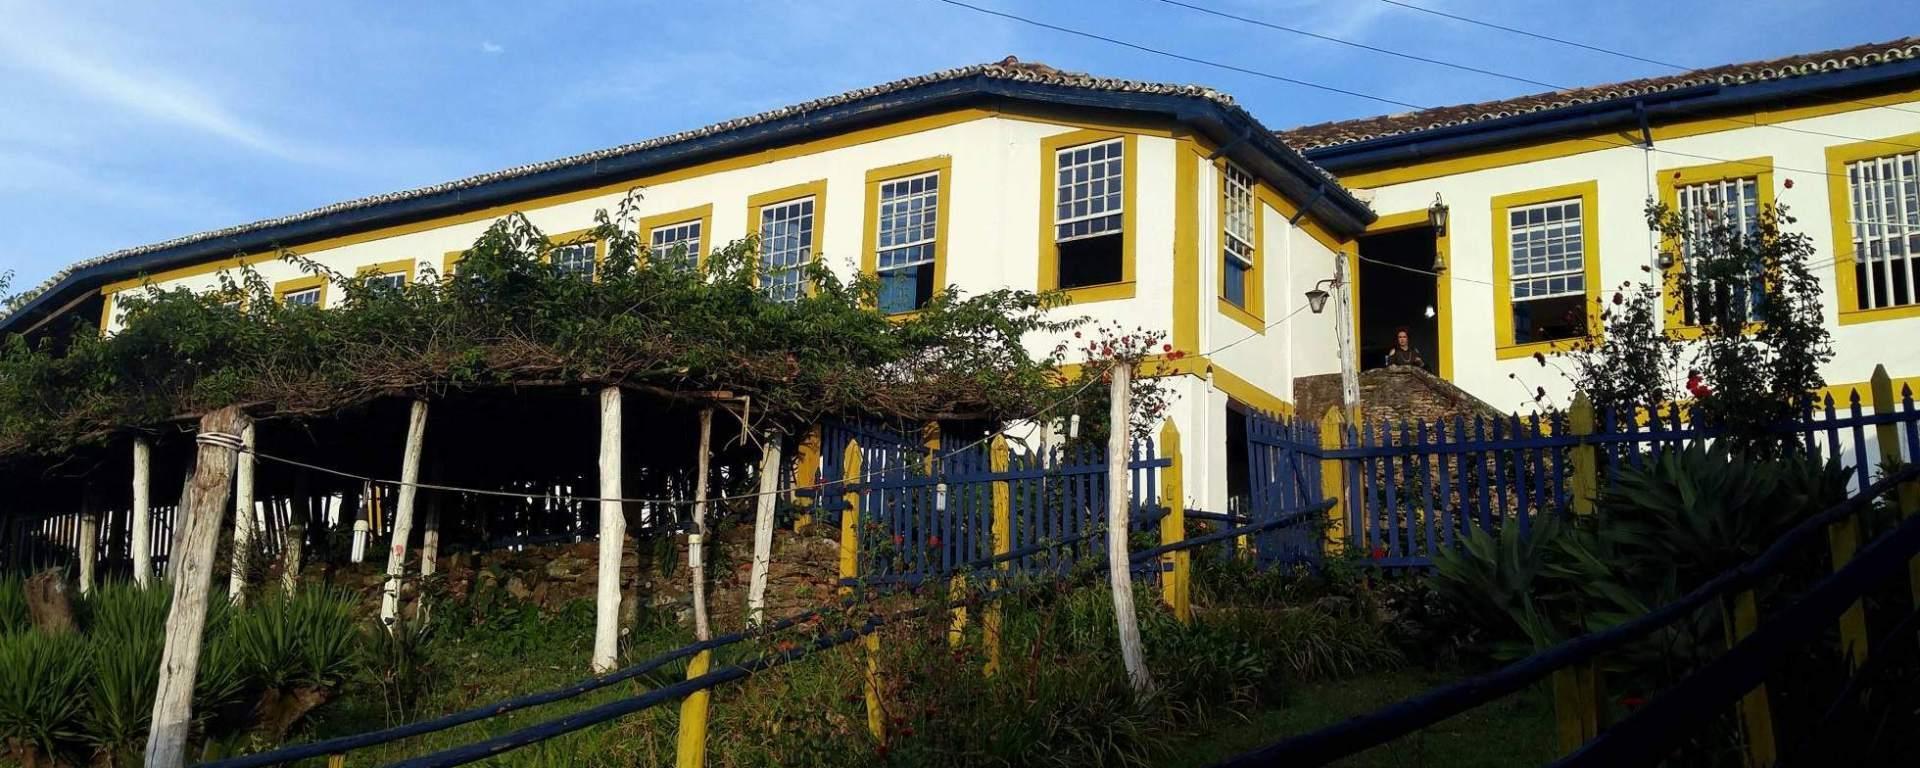 Fazenda São José da Vargem em Minas Gerais.